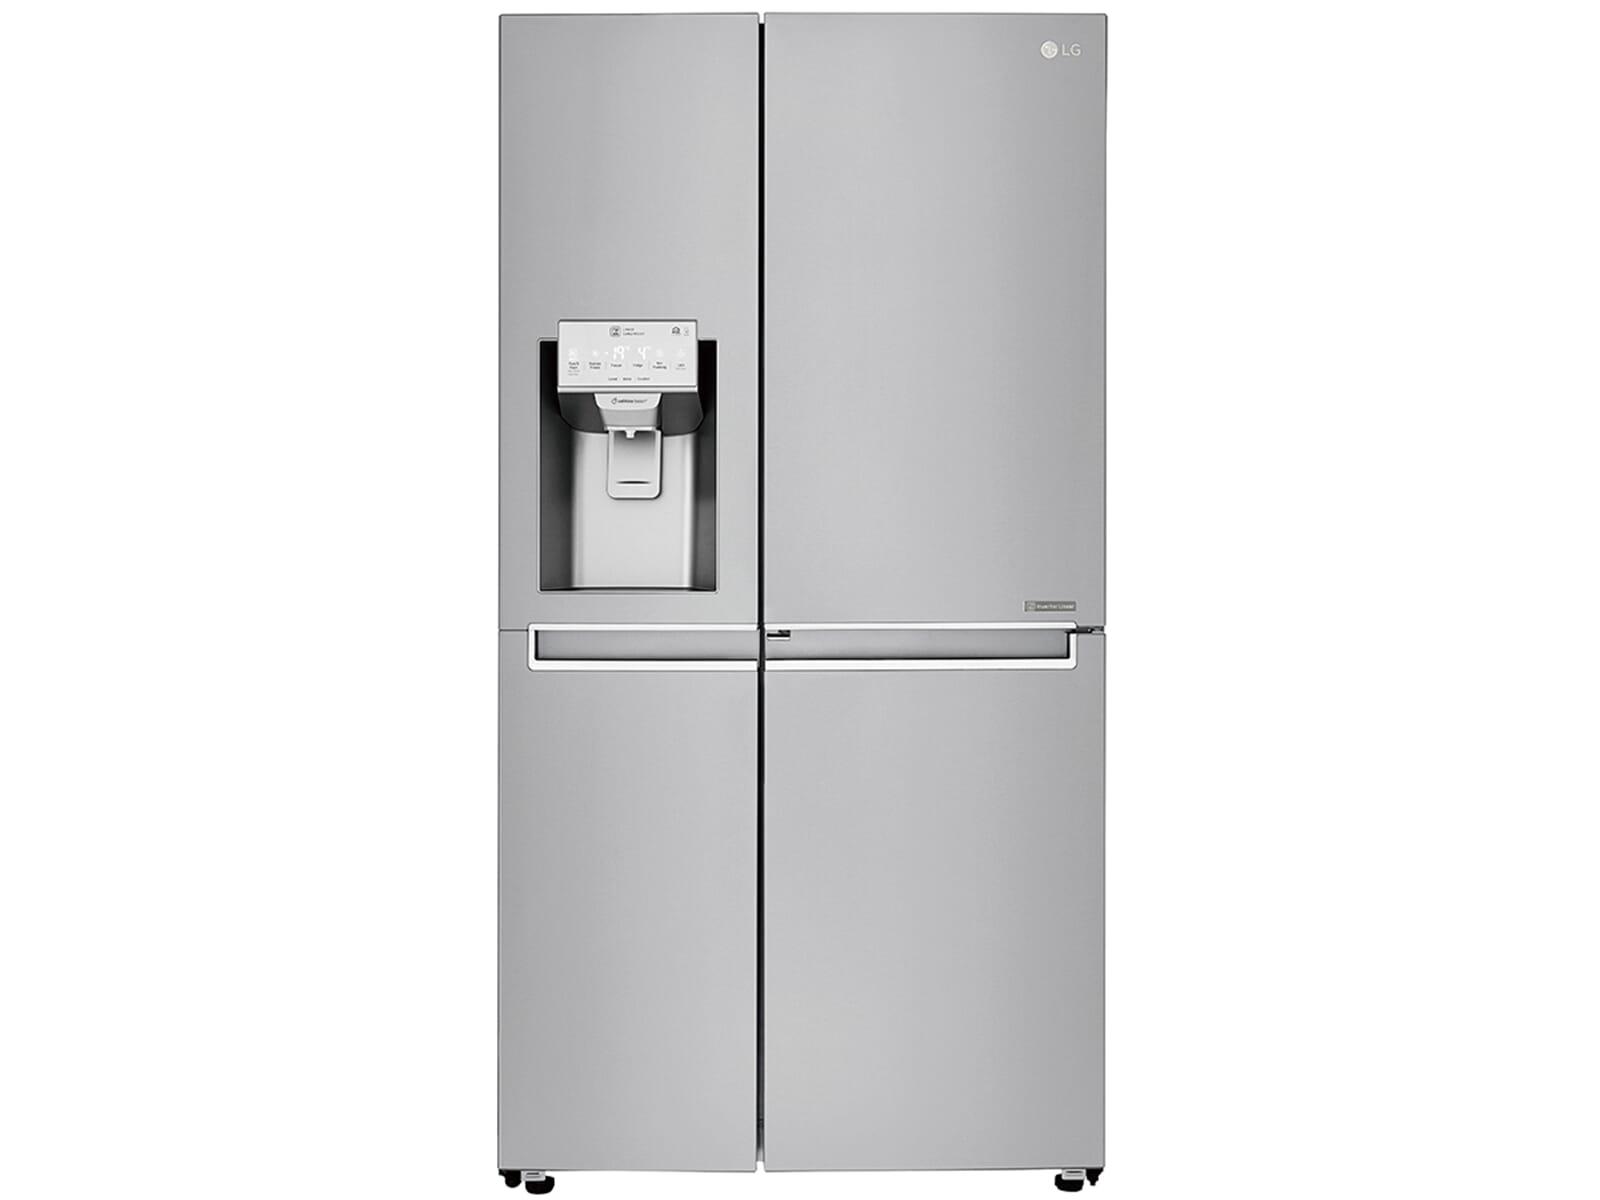 Amerikanischer Kühlschrank Ohne Wasseranschluss Test : Lg gsl 961 nebf side by side kühl gefrier kombination edelstahl